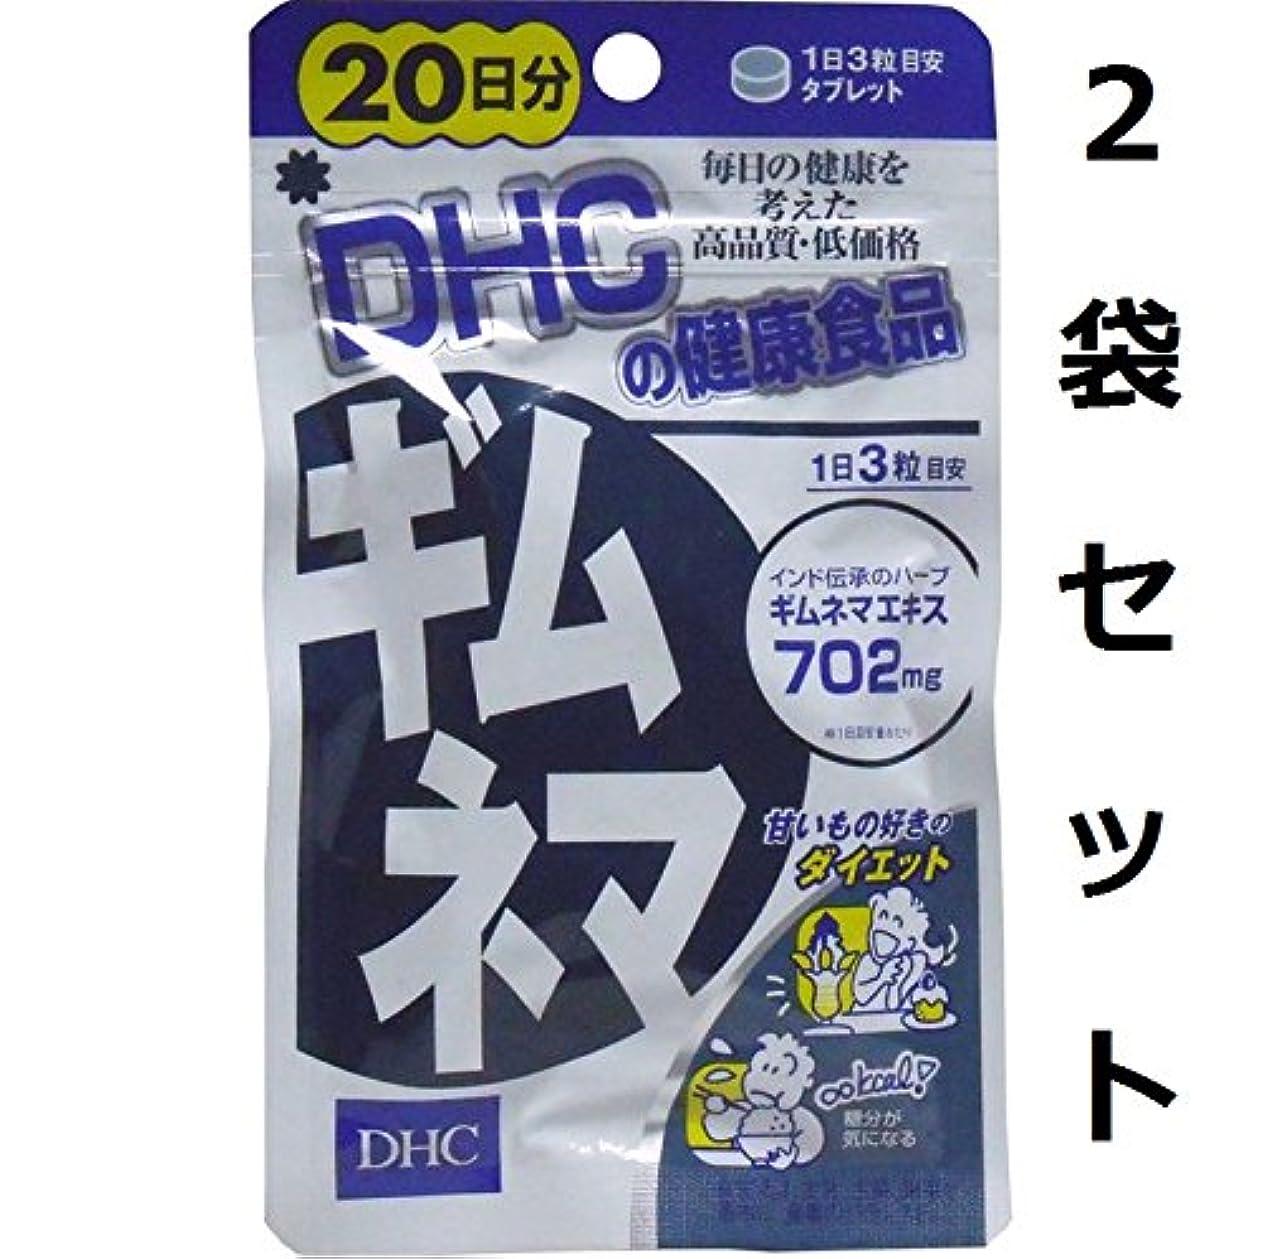 不純荷物排泄する我慢せずに余分な糖分をブロック DHC ギムネマ 20日分 60粒 2袋セット